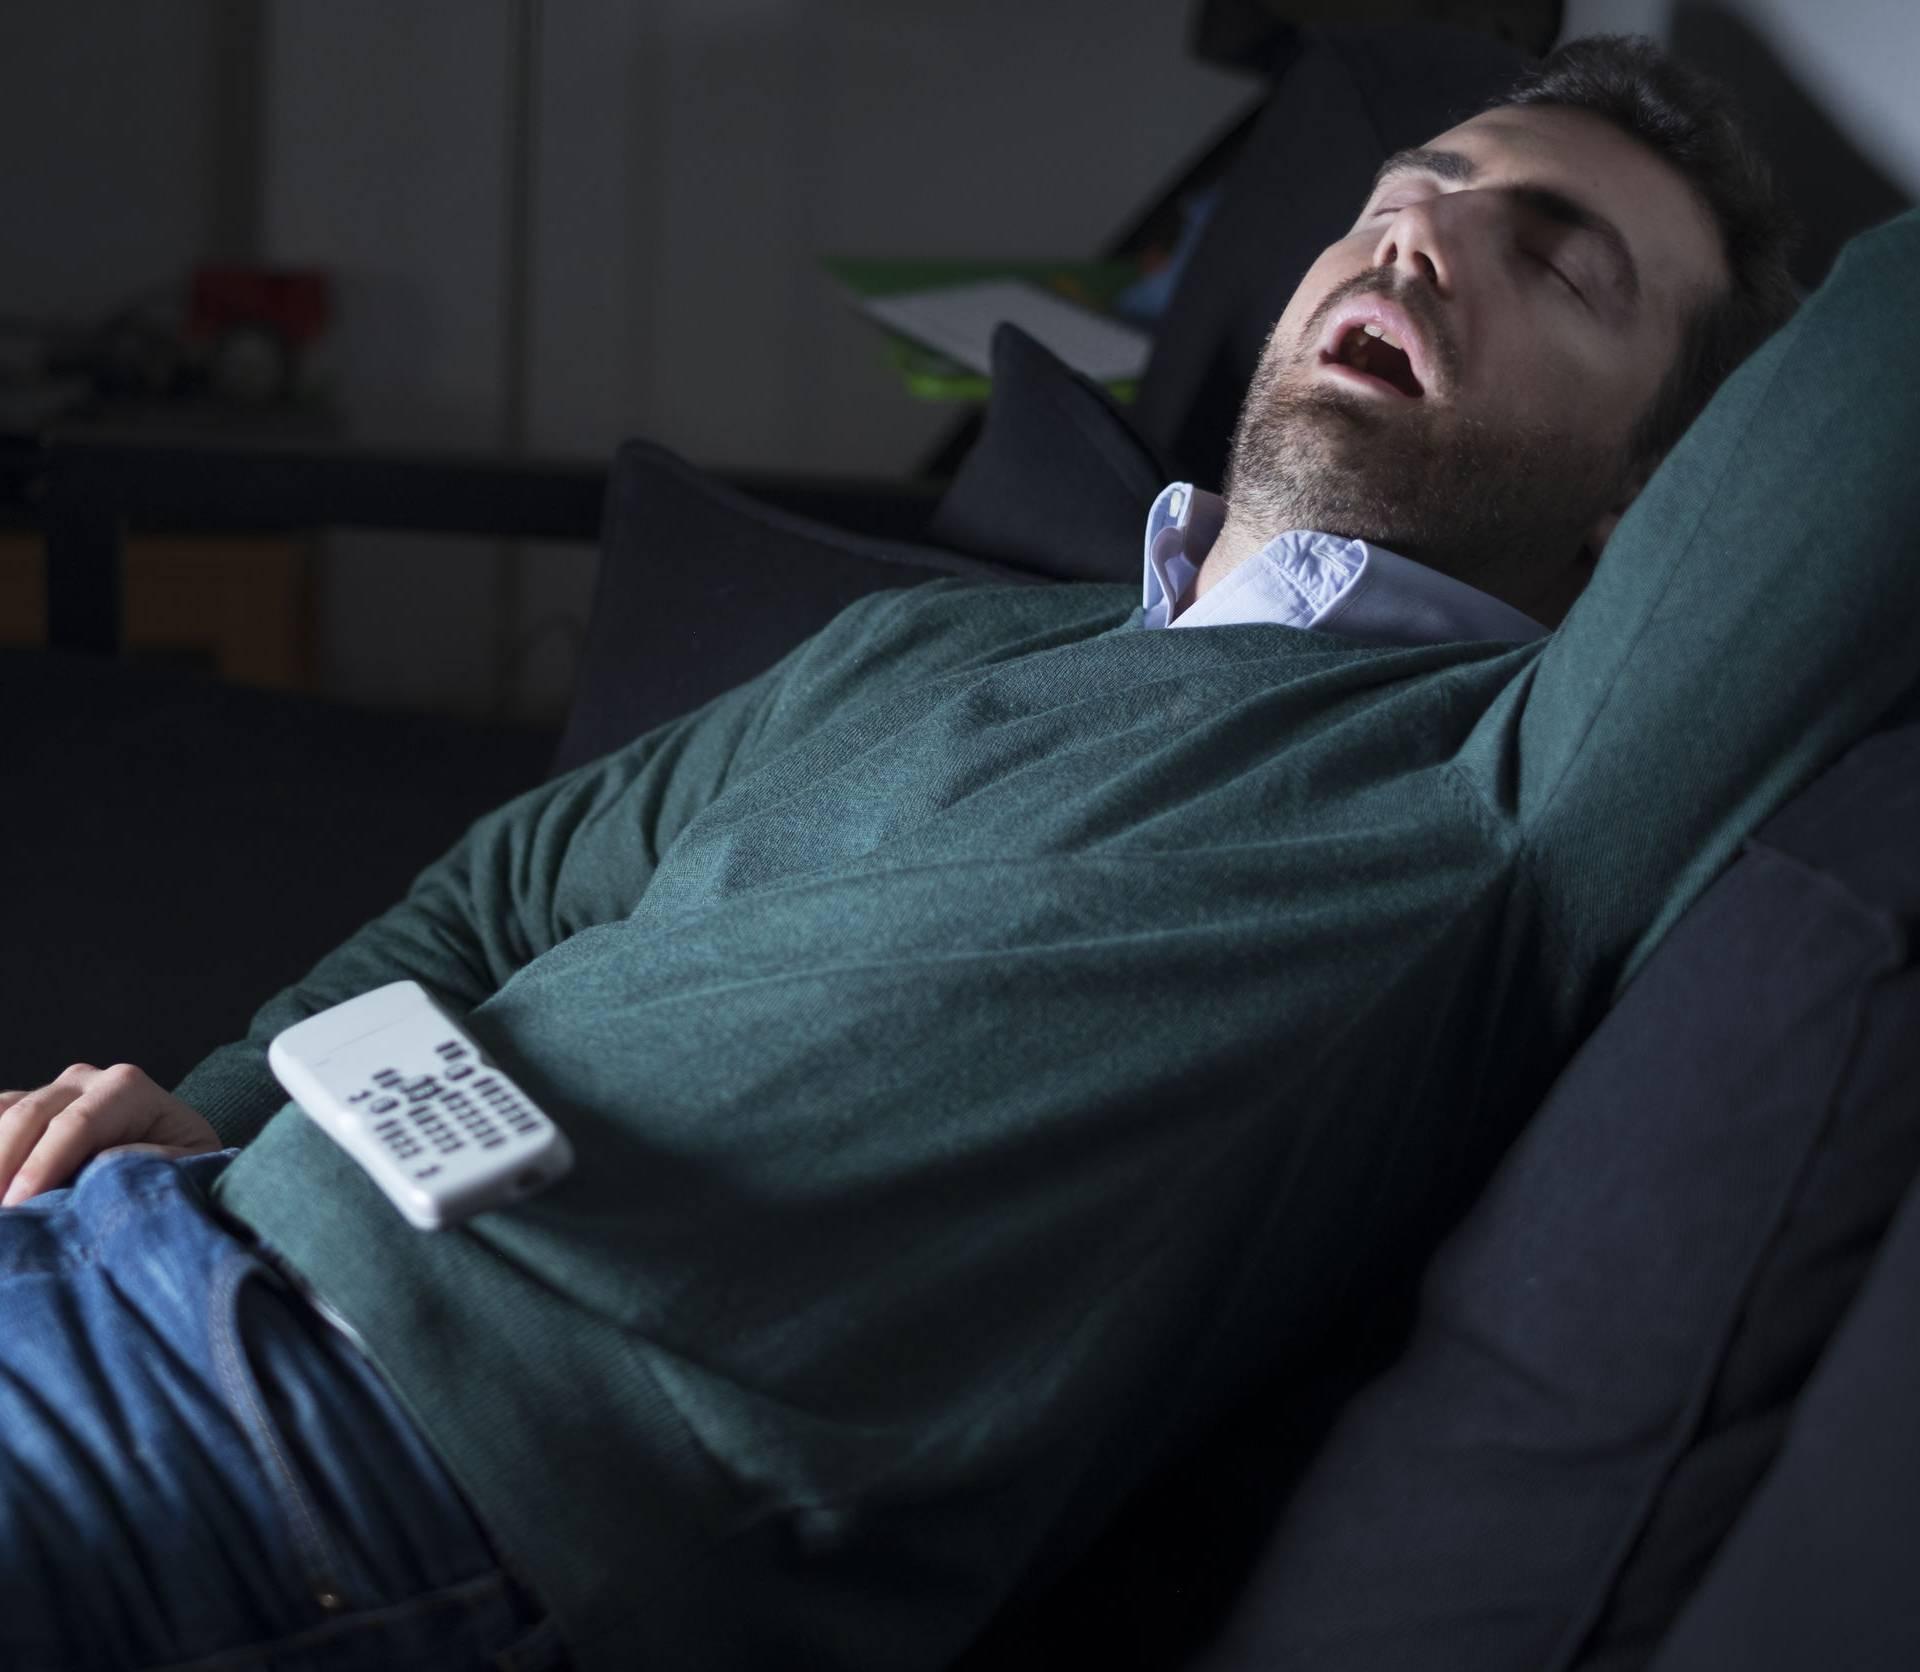 Spavanje nakon ručka jedan je od čestih uzročnika žgaravice